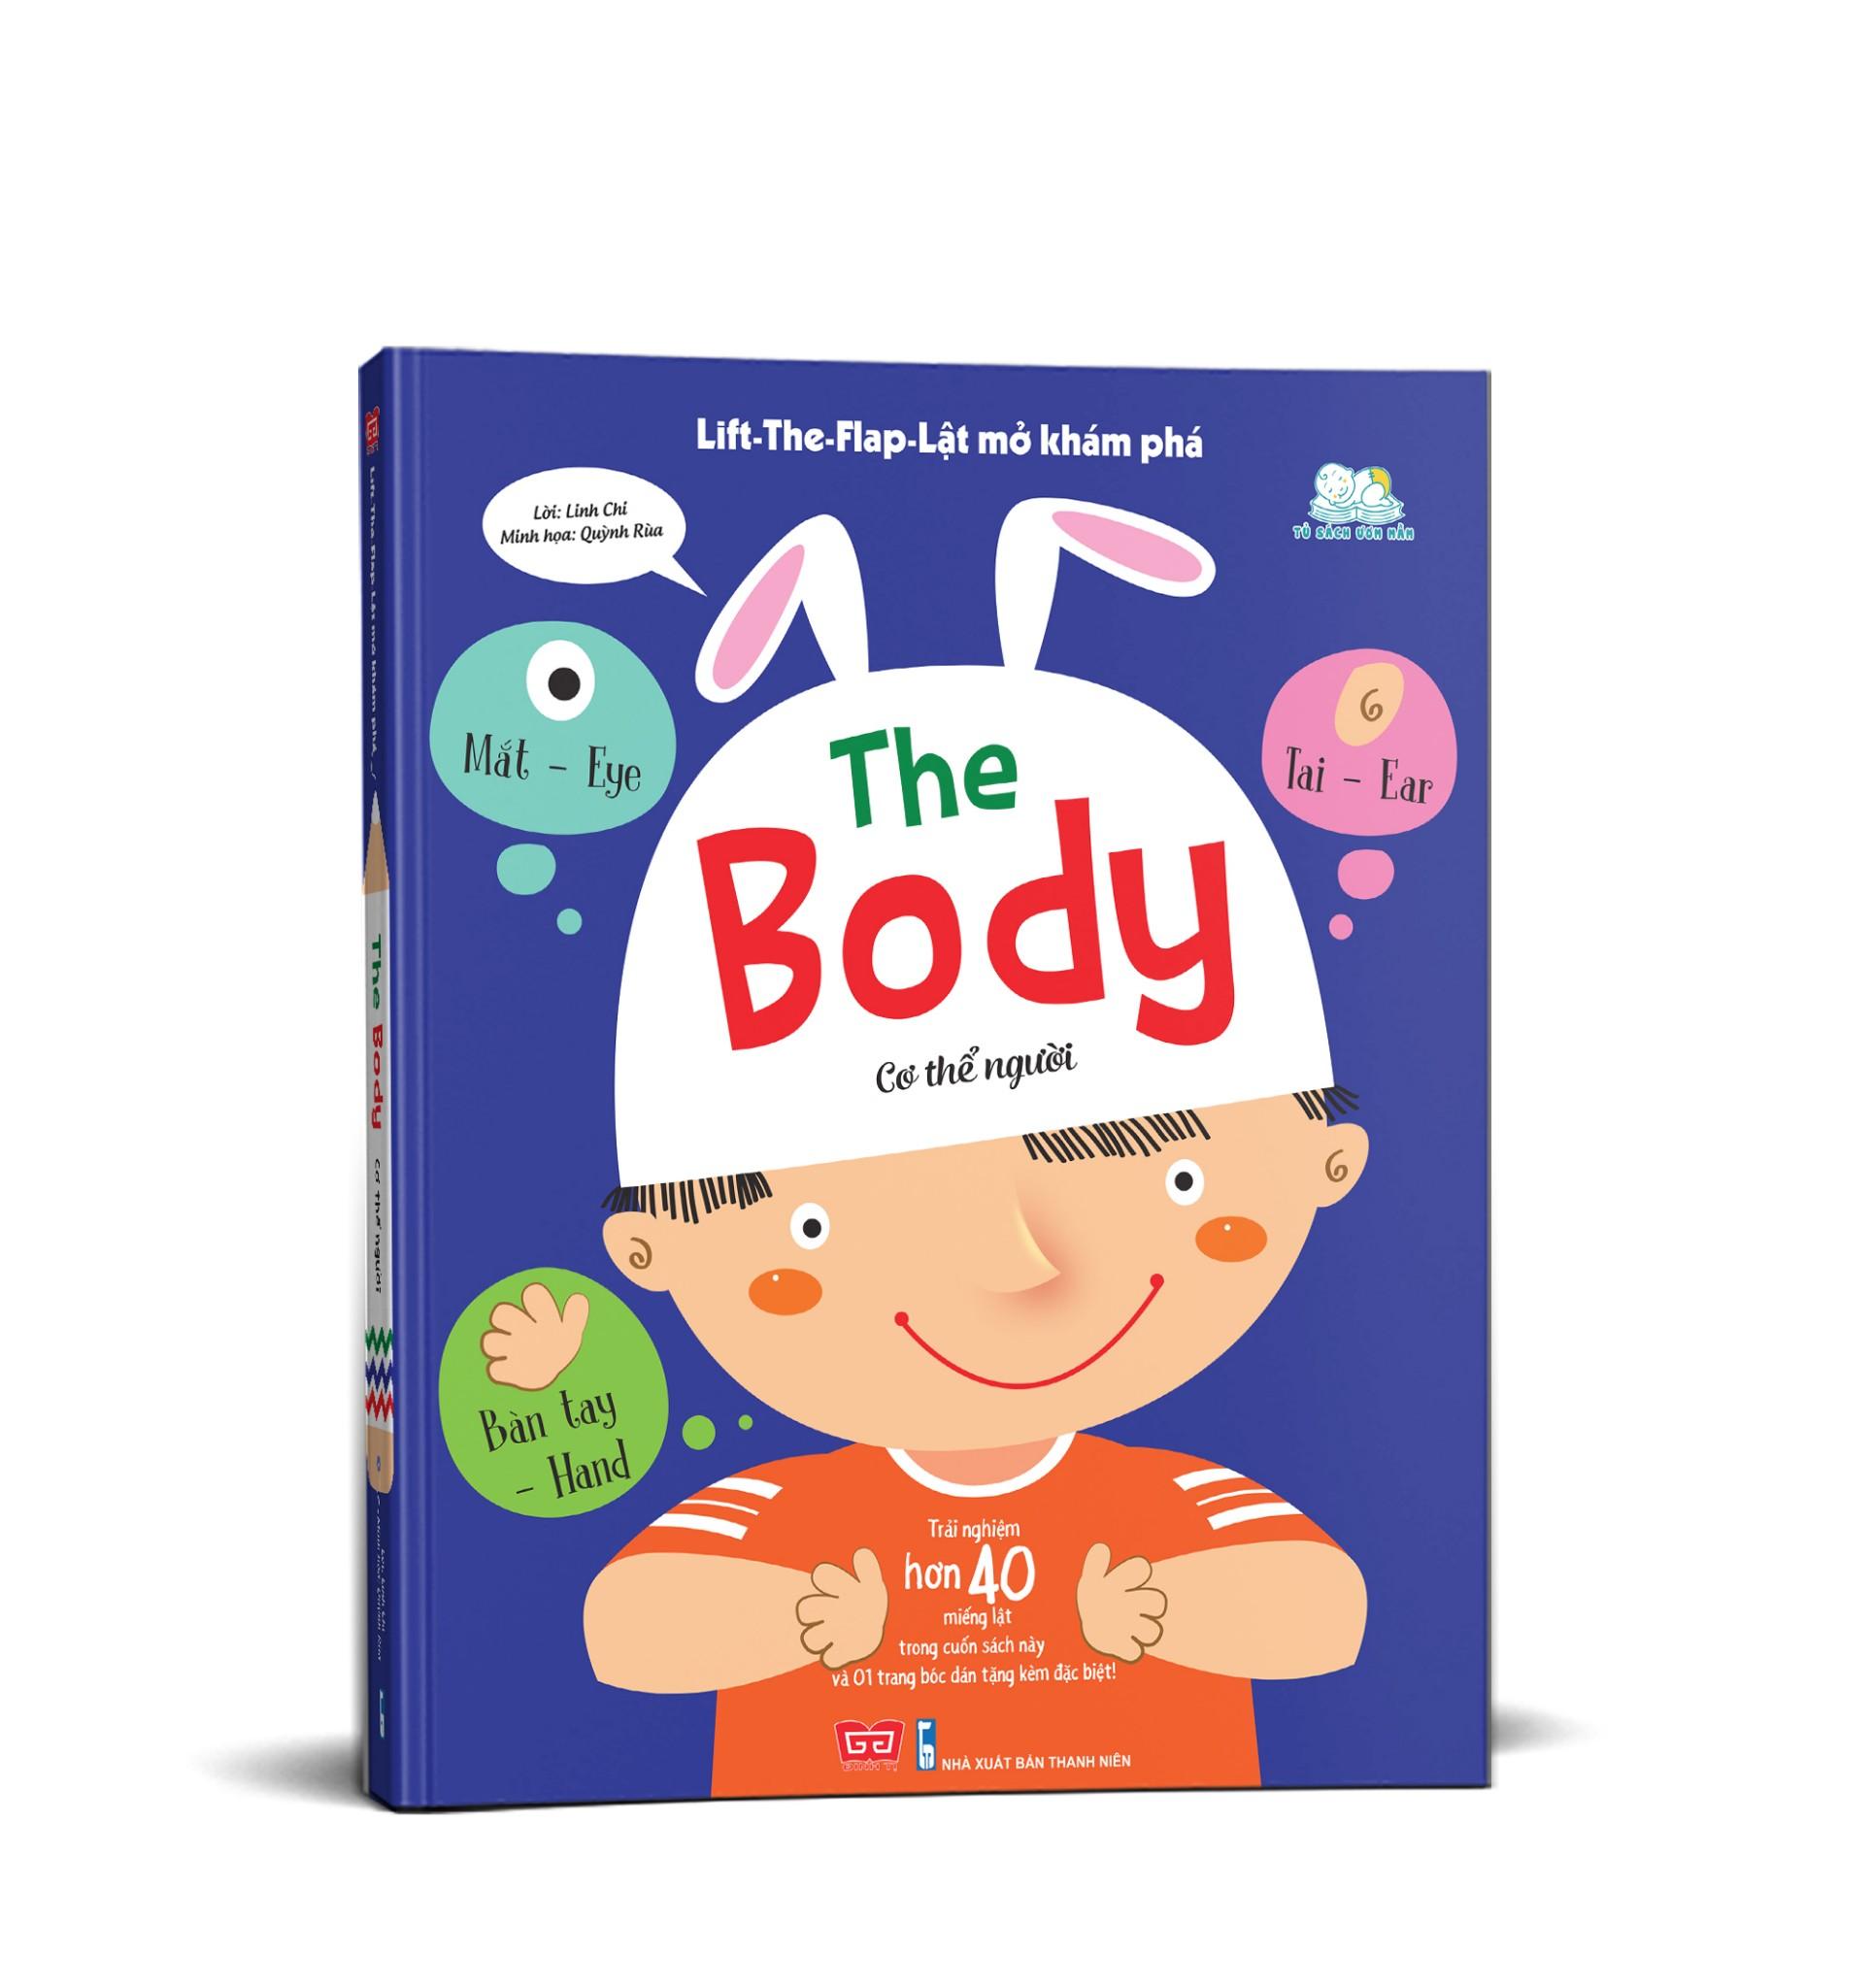 Lift-The-Flap-Lật mở khám phá - The Body - Cơ thể người (tái bản 2018)